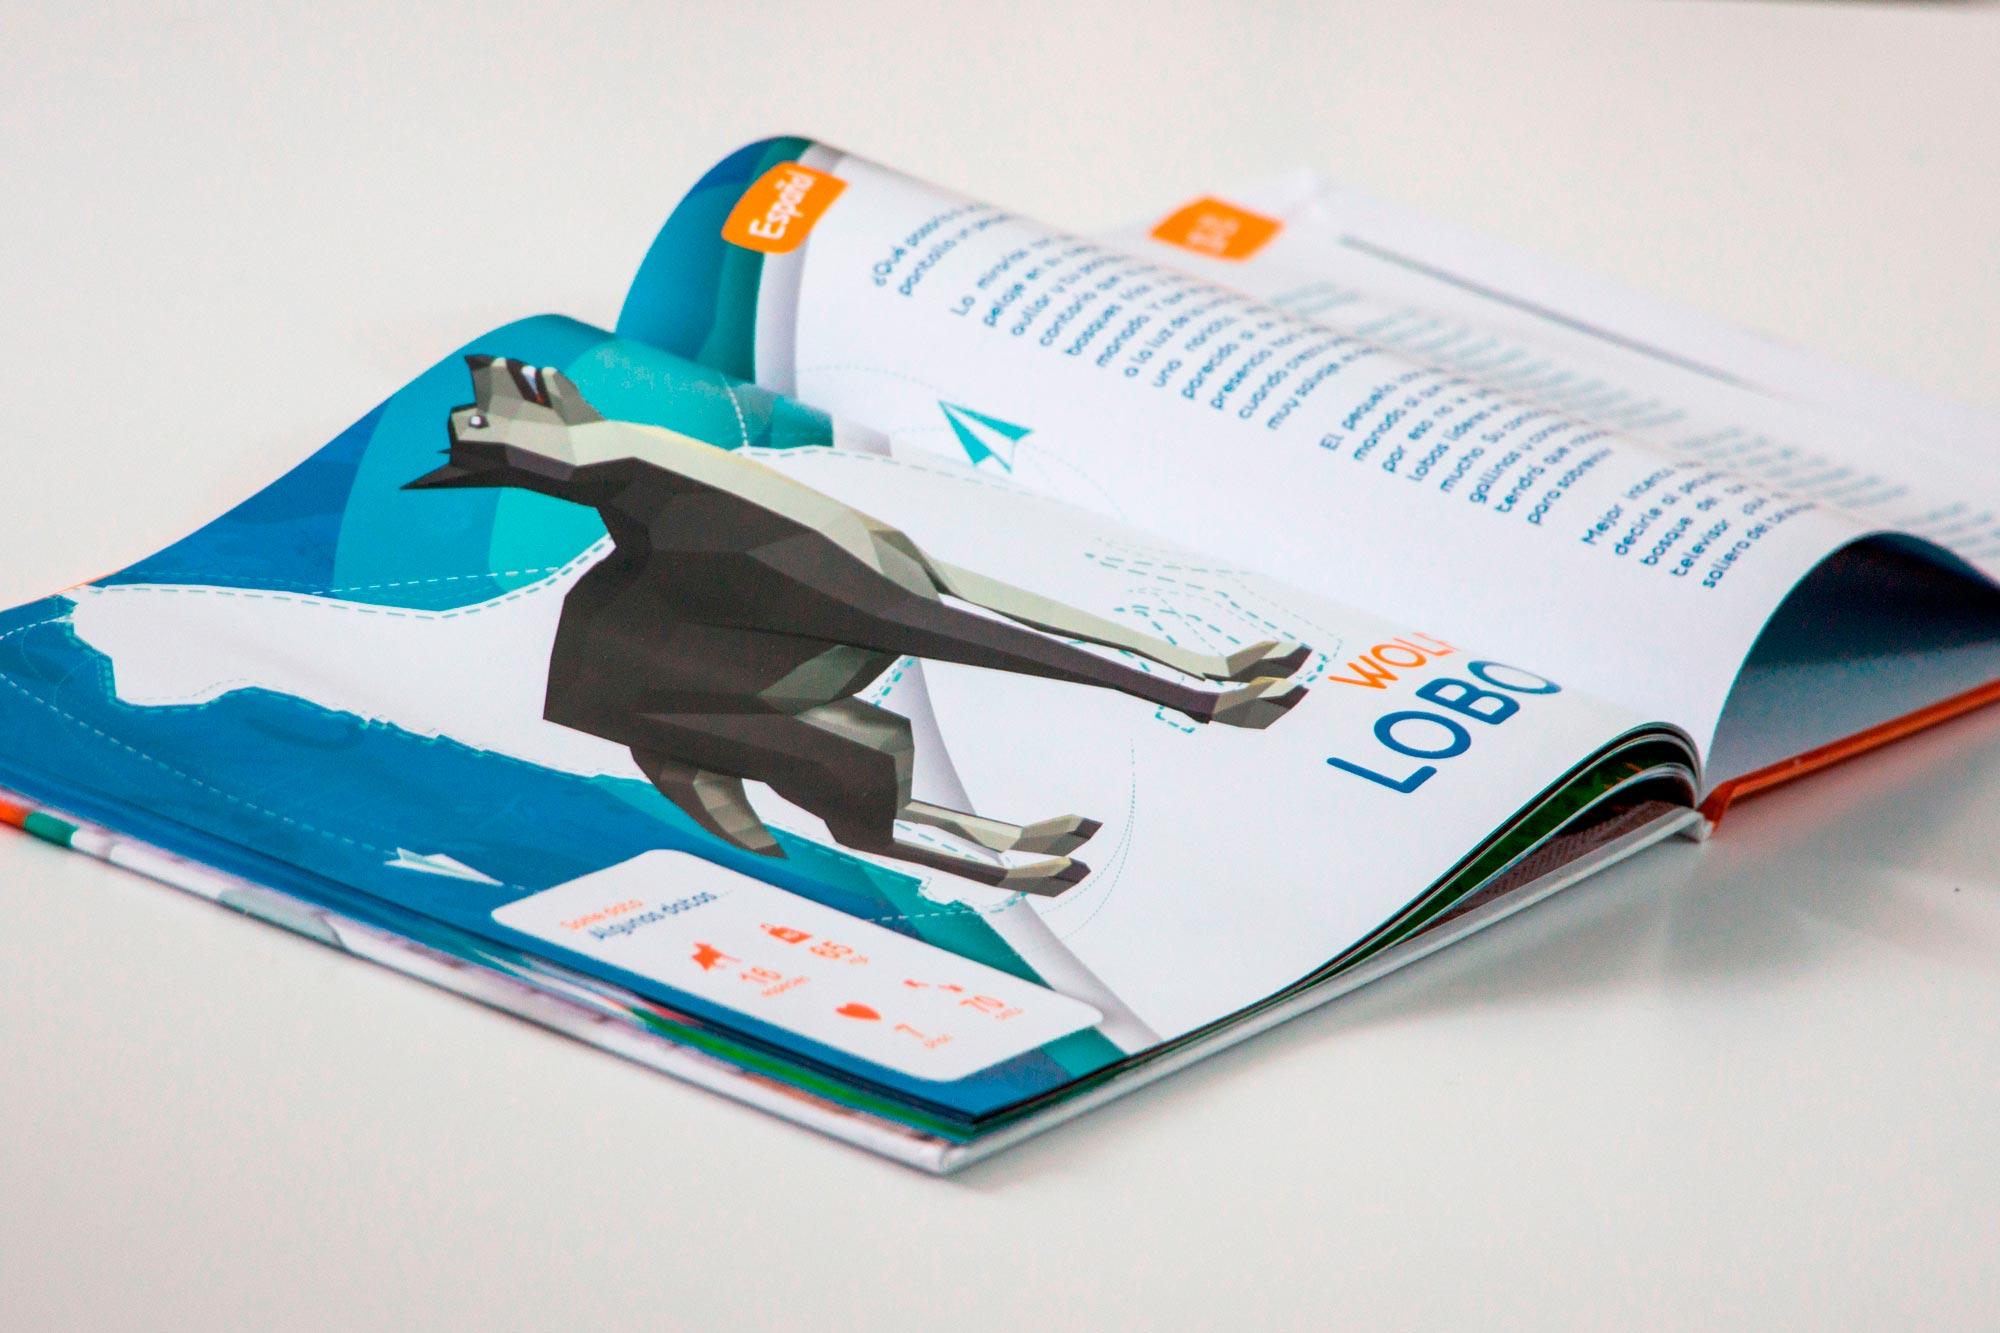 libros-interactivos-bilingues-para-niños-y-jovenes-21